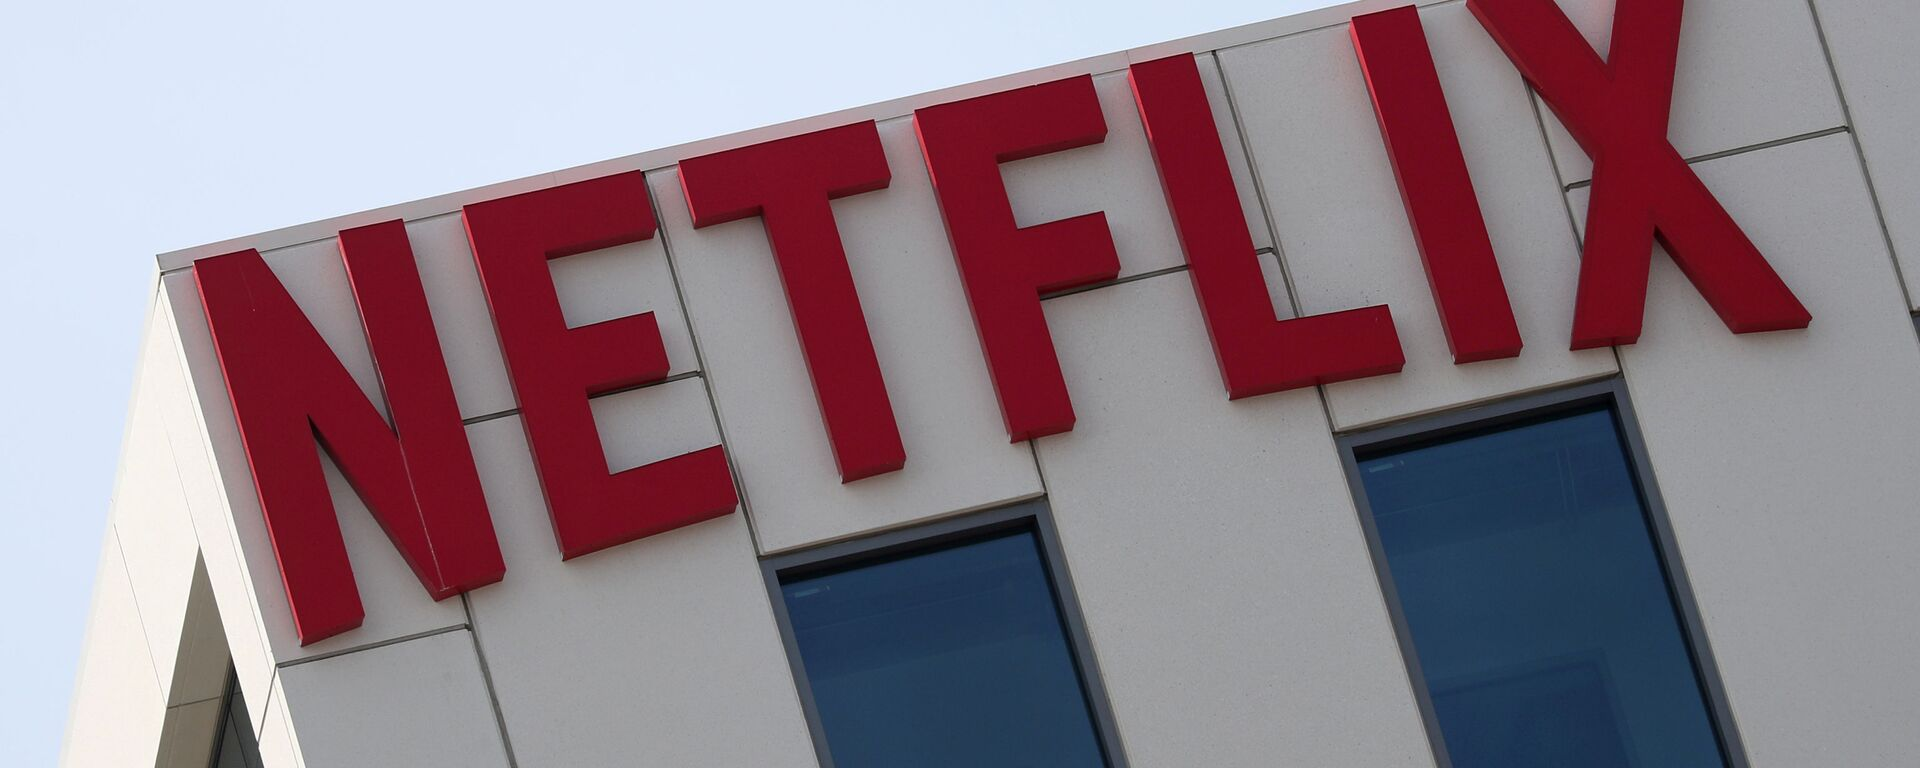 Logo společnosti Netflix - Sputnik Česká republika, 1920, 09.05.2021